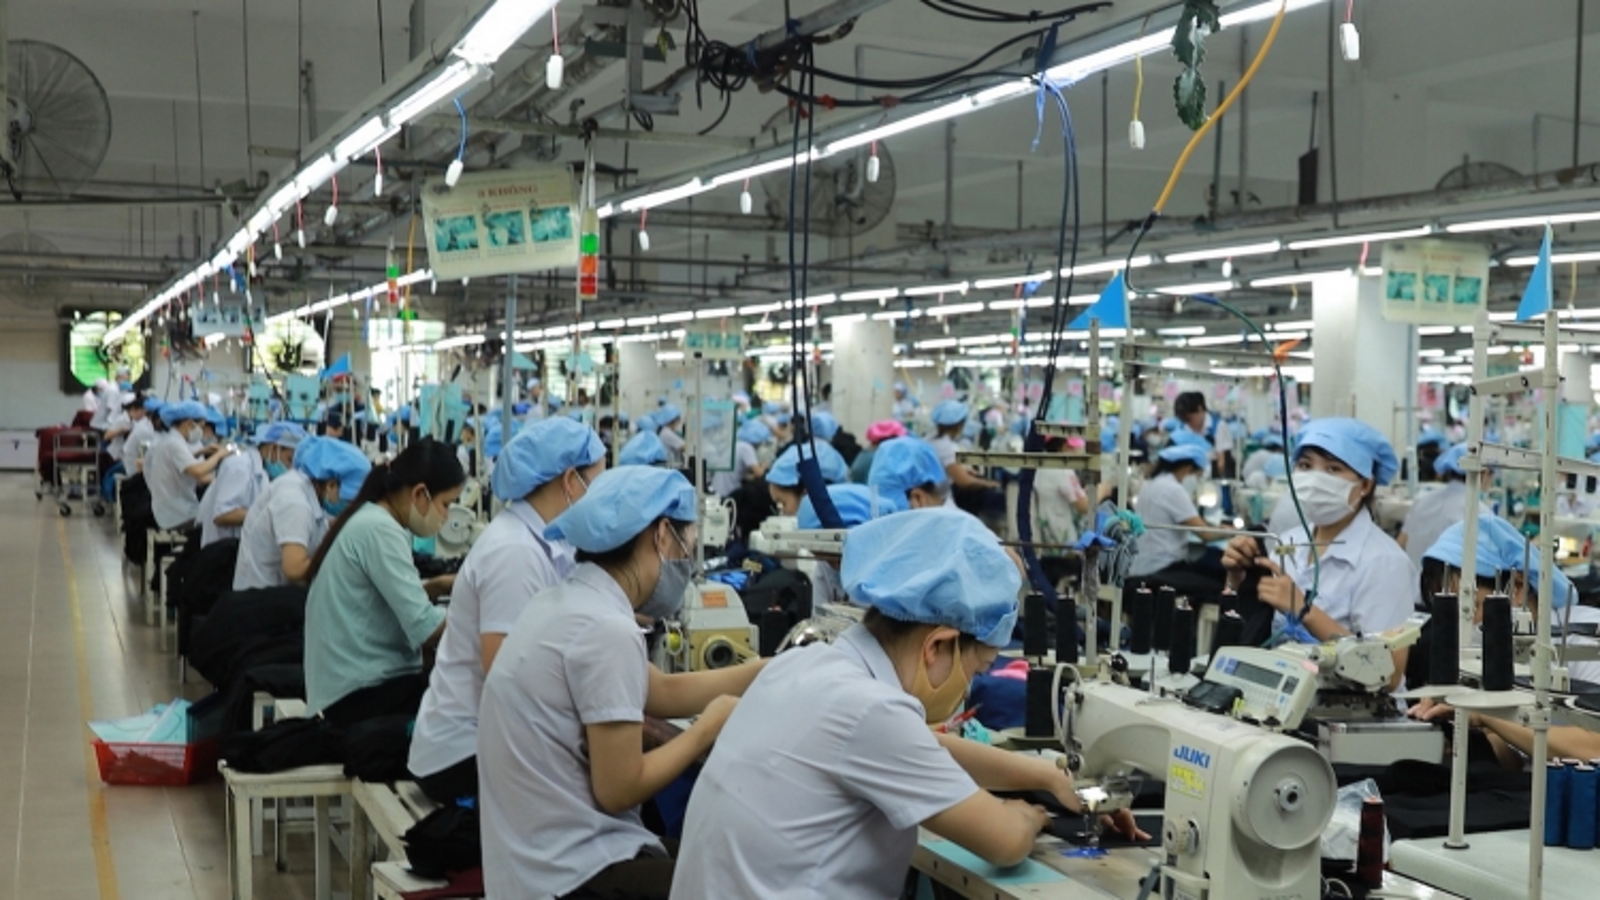 Đà Nẵng hỗ trợ các doanh nghiệp, người lao động bị ảnh hưởng Covid-19